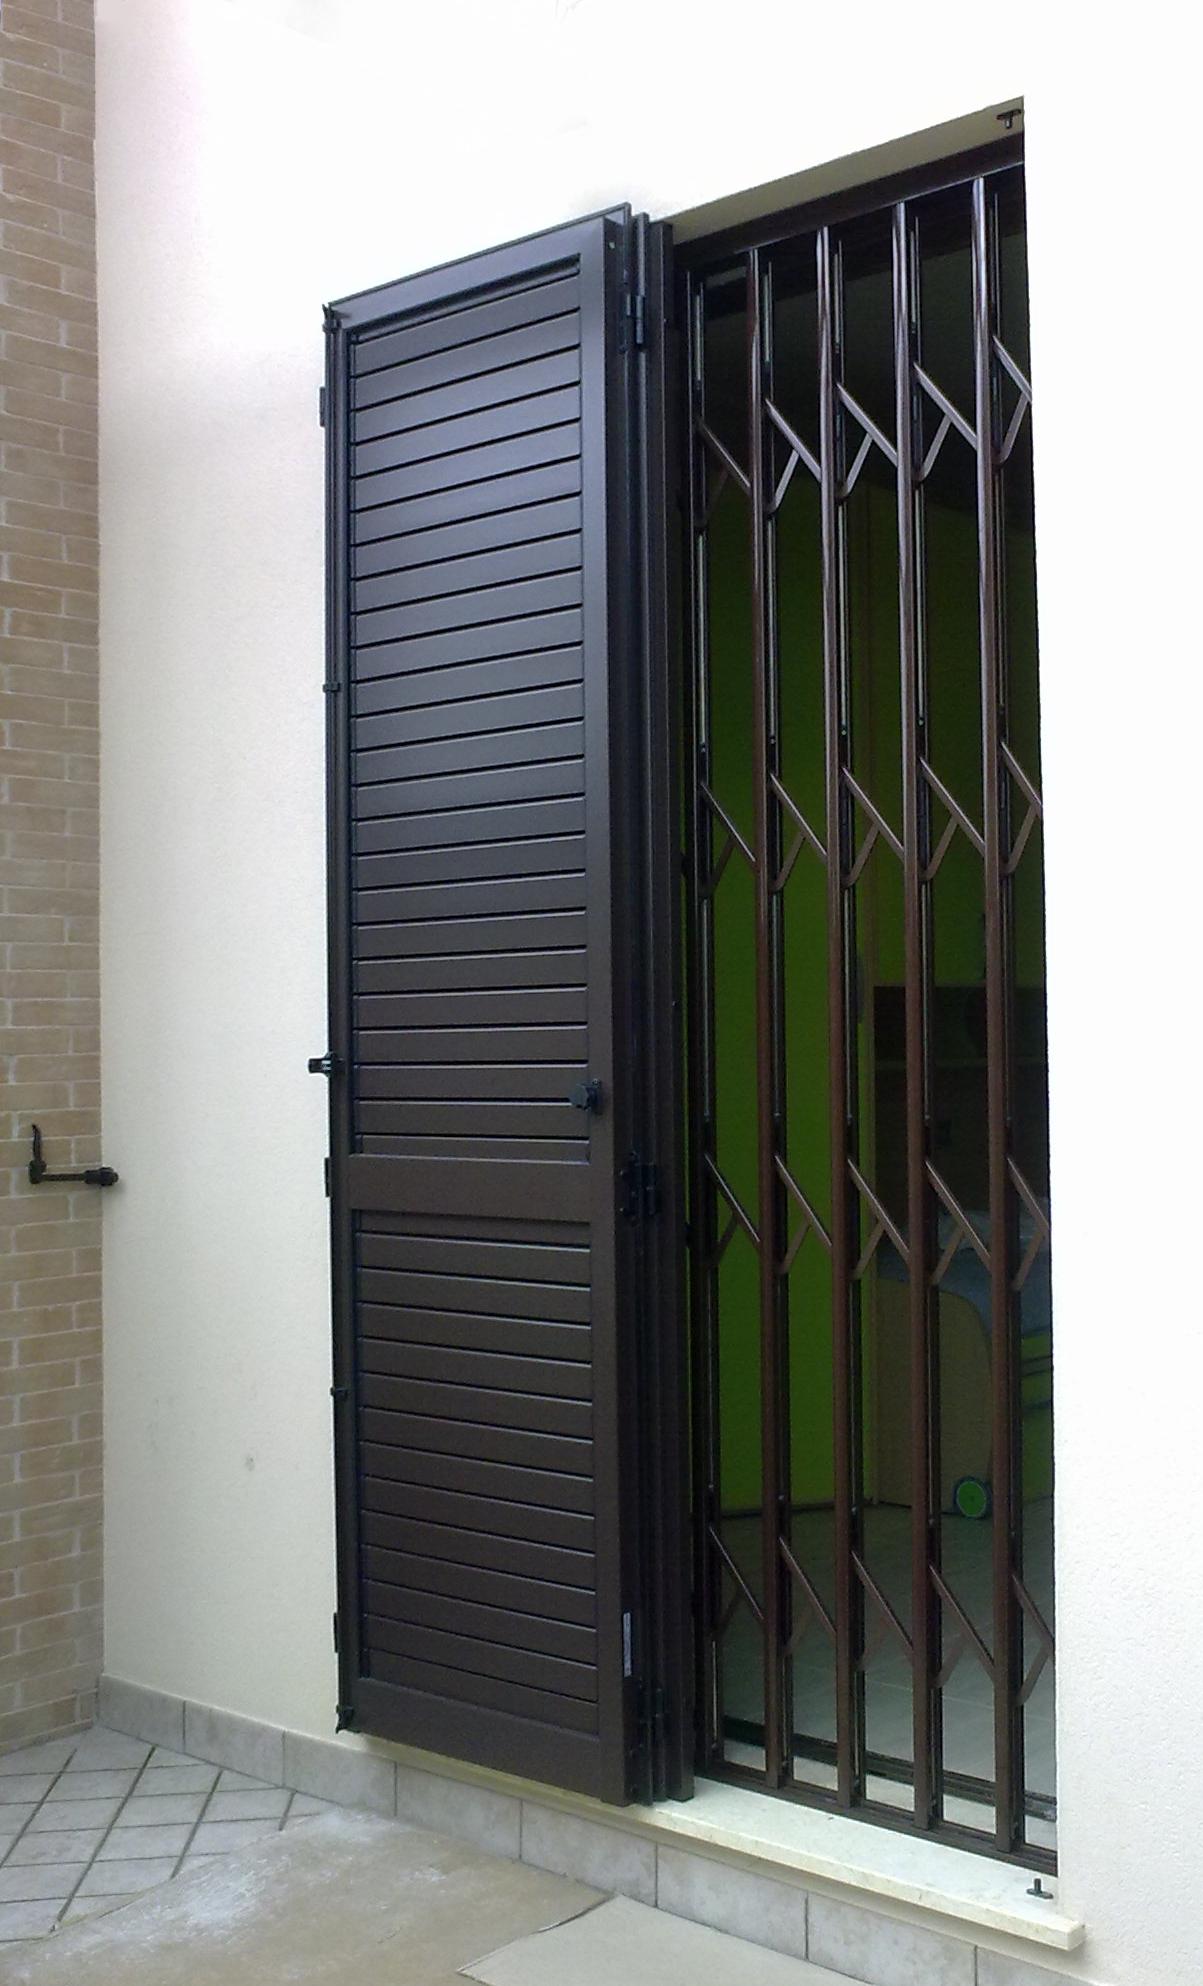 Inferriata estensibile di sicurezza silea druma - Inferriate estensibili per finestre ...